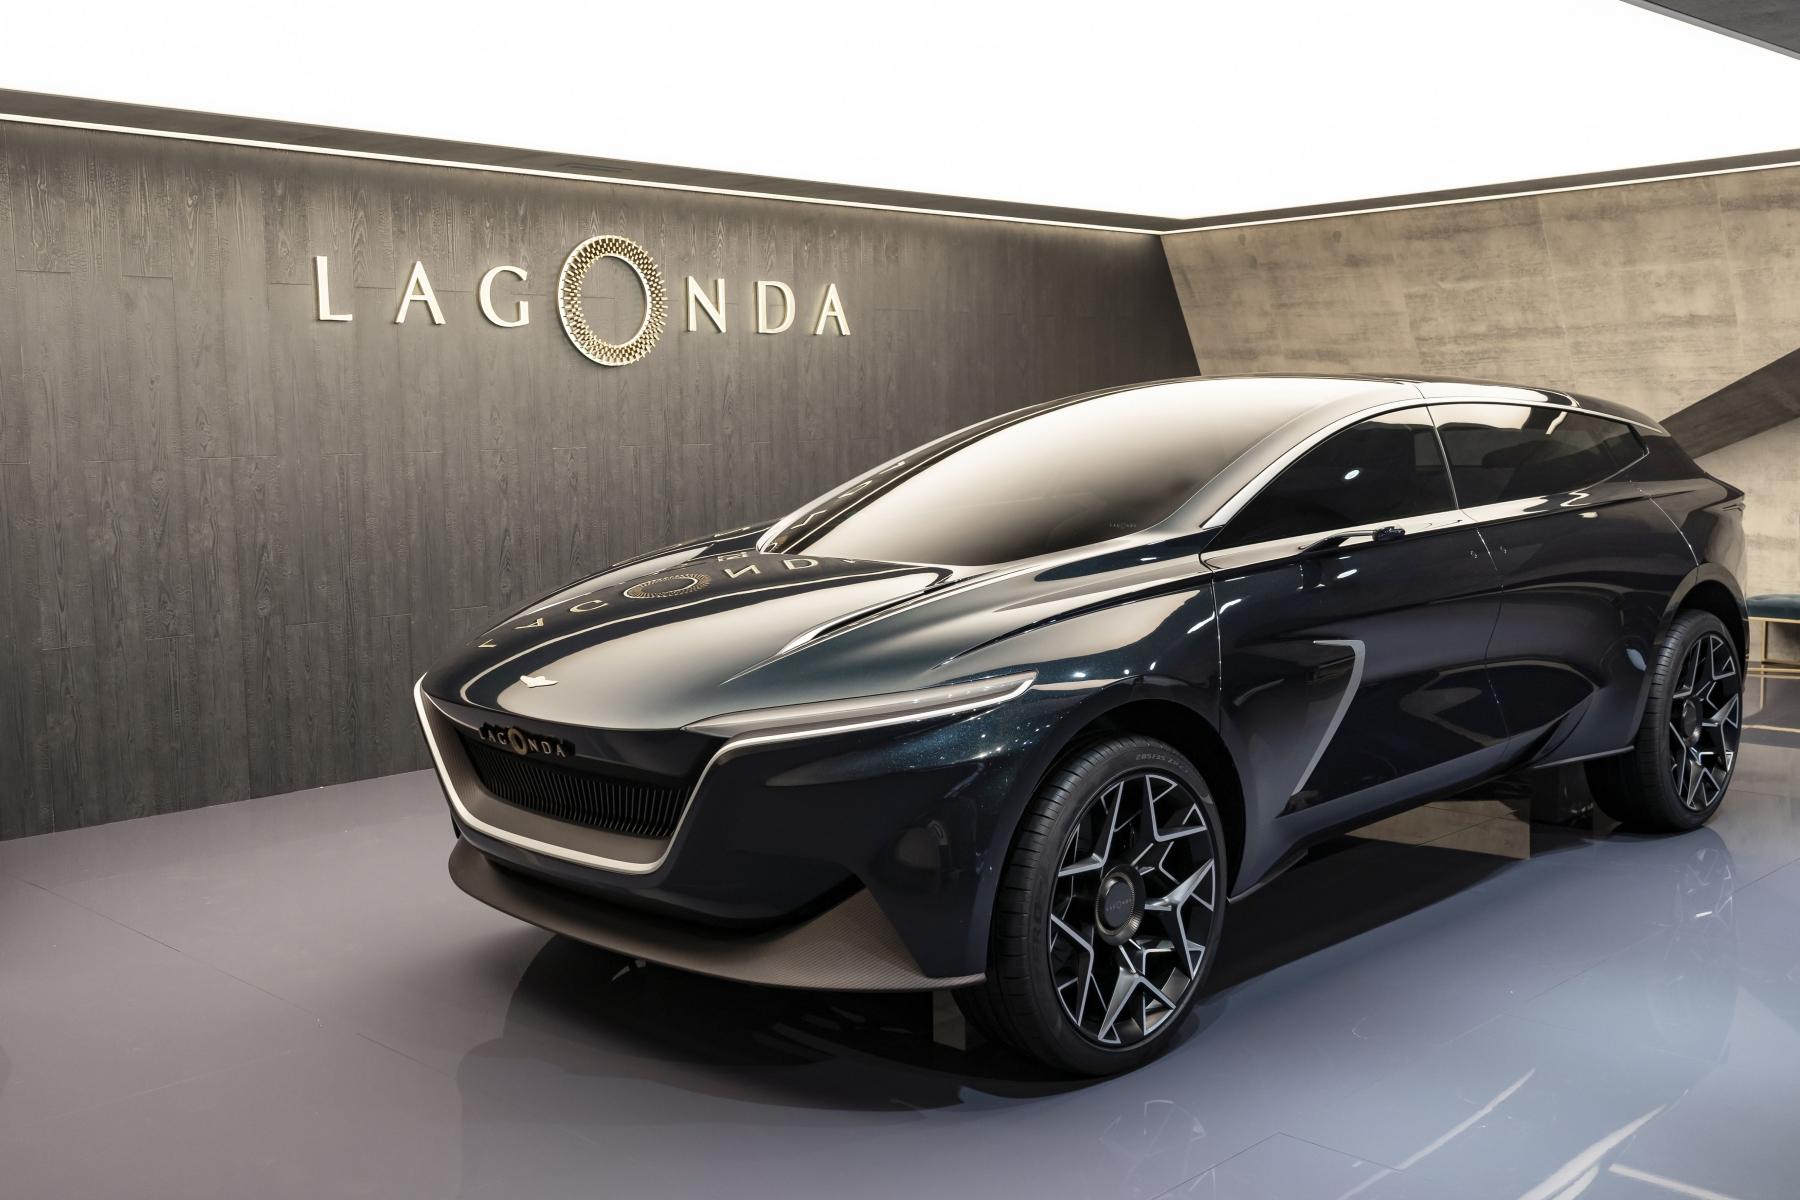 Lagonda_all_terrain_AutoRok_2019__15